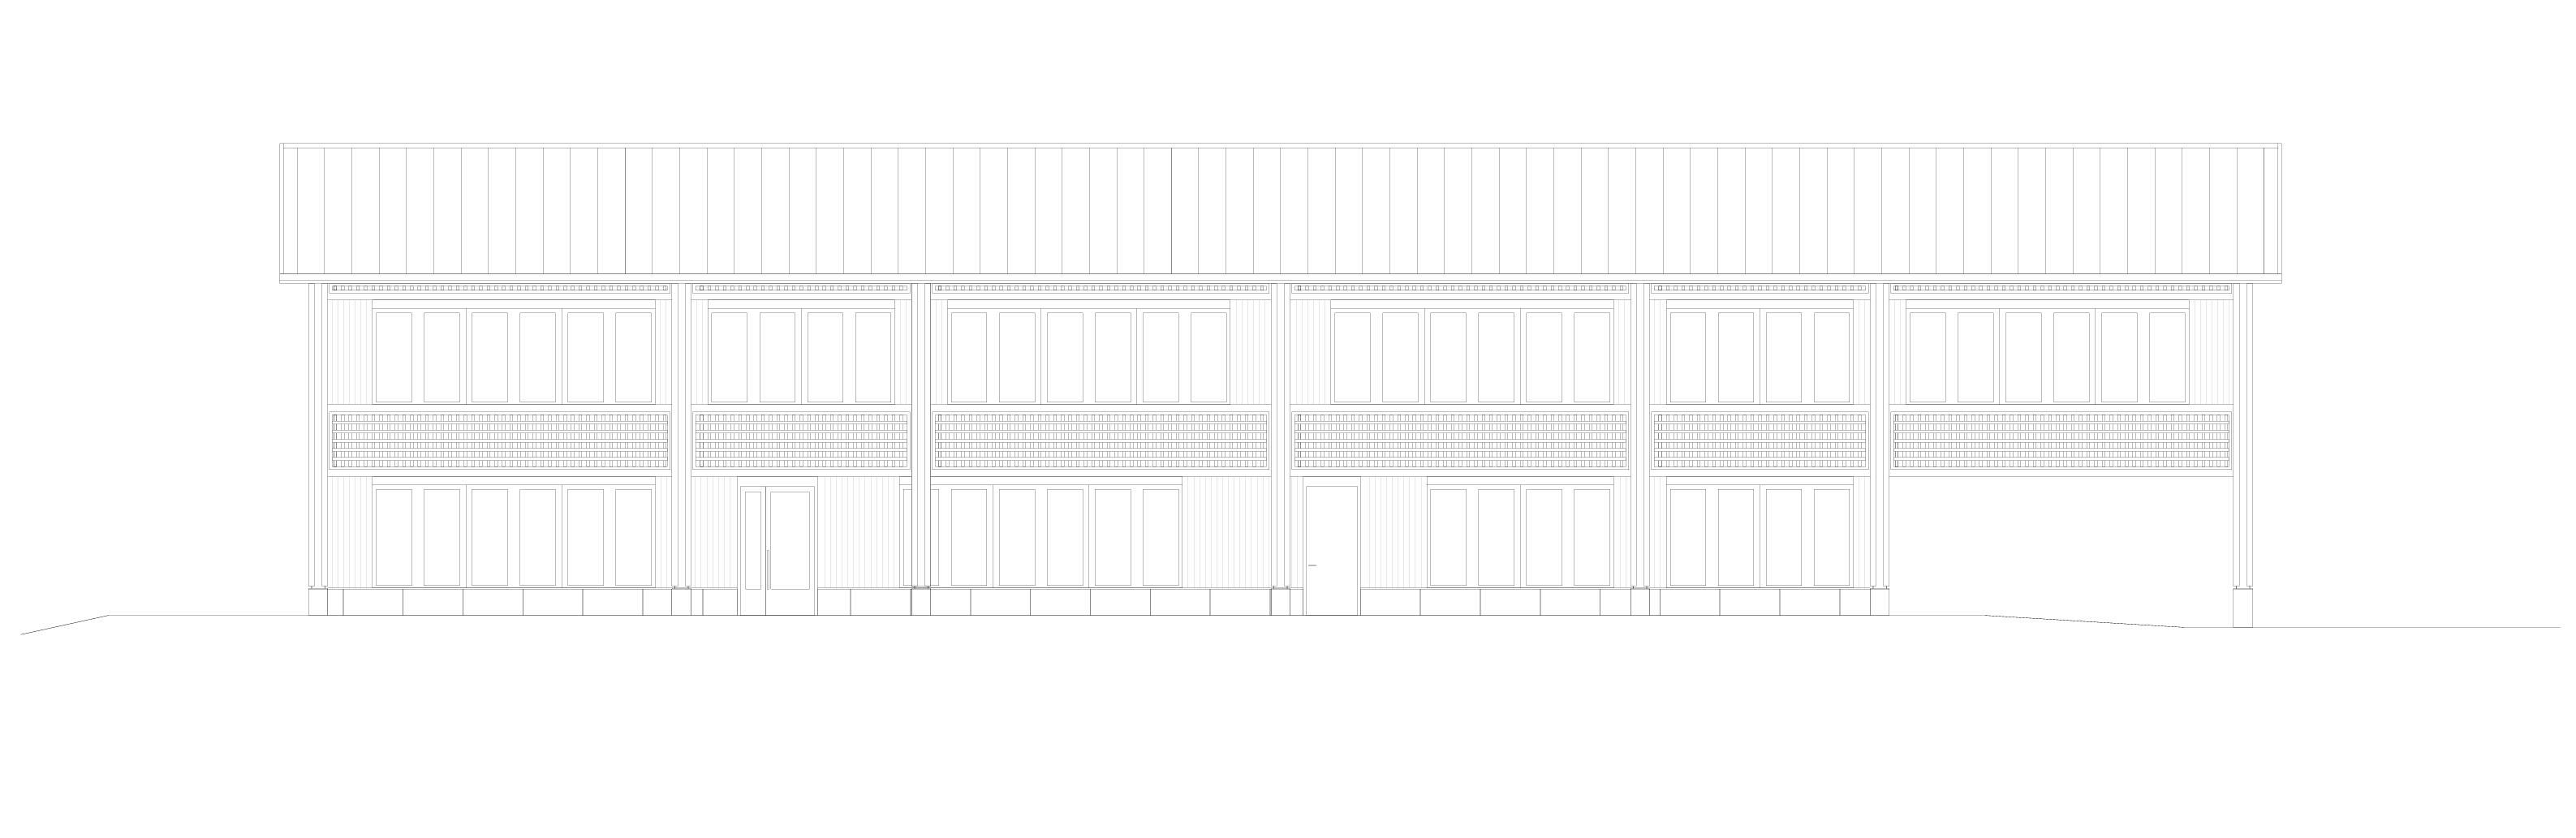 Südfassade  Schulhaus Alp II, Wangen b. Olten von werk1 architekten und planer ag